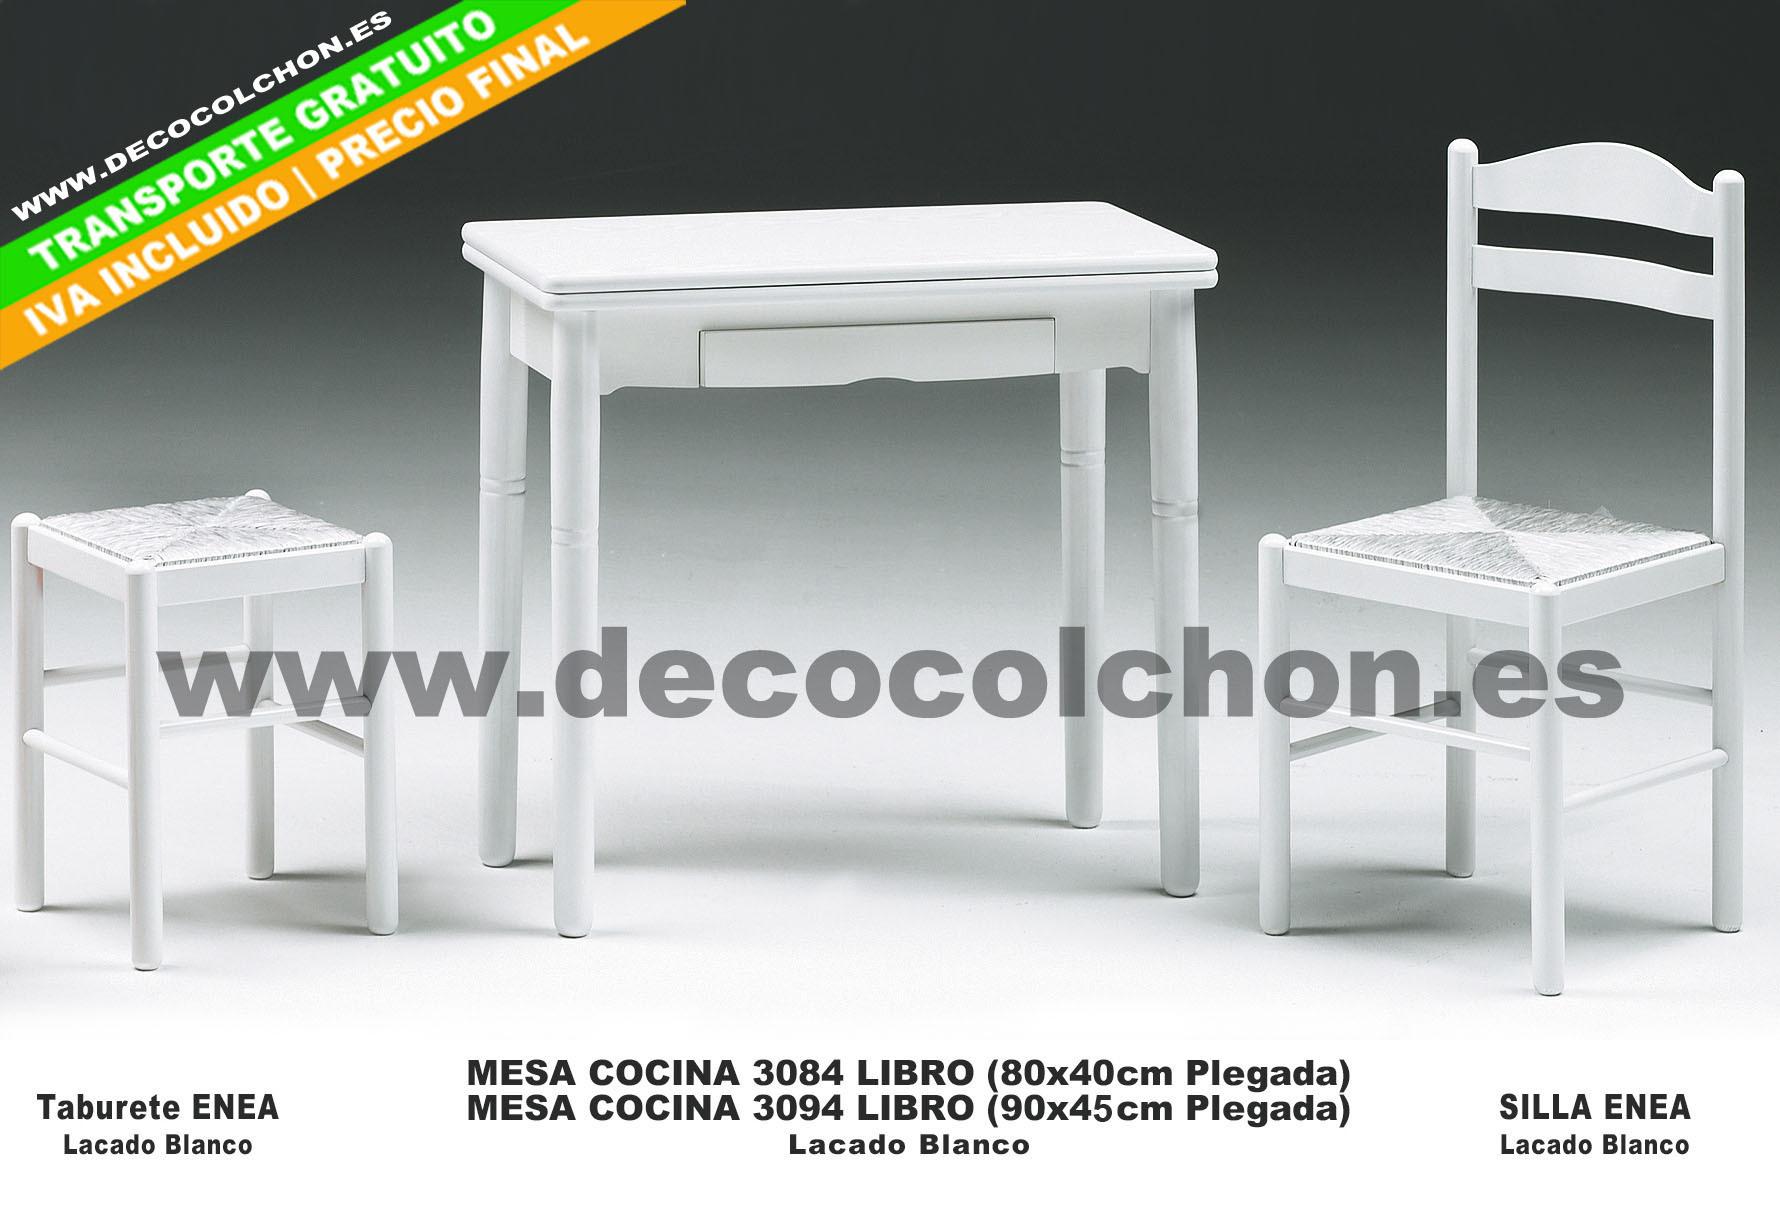 Mesa cocina 3084 decora descans complementos mueble hogar for Mesas de cocina blancas